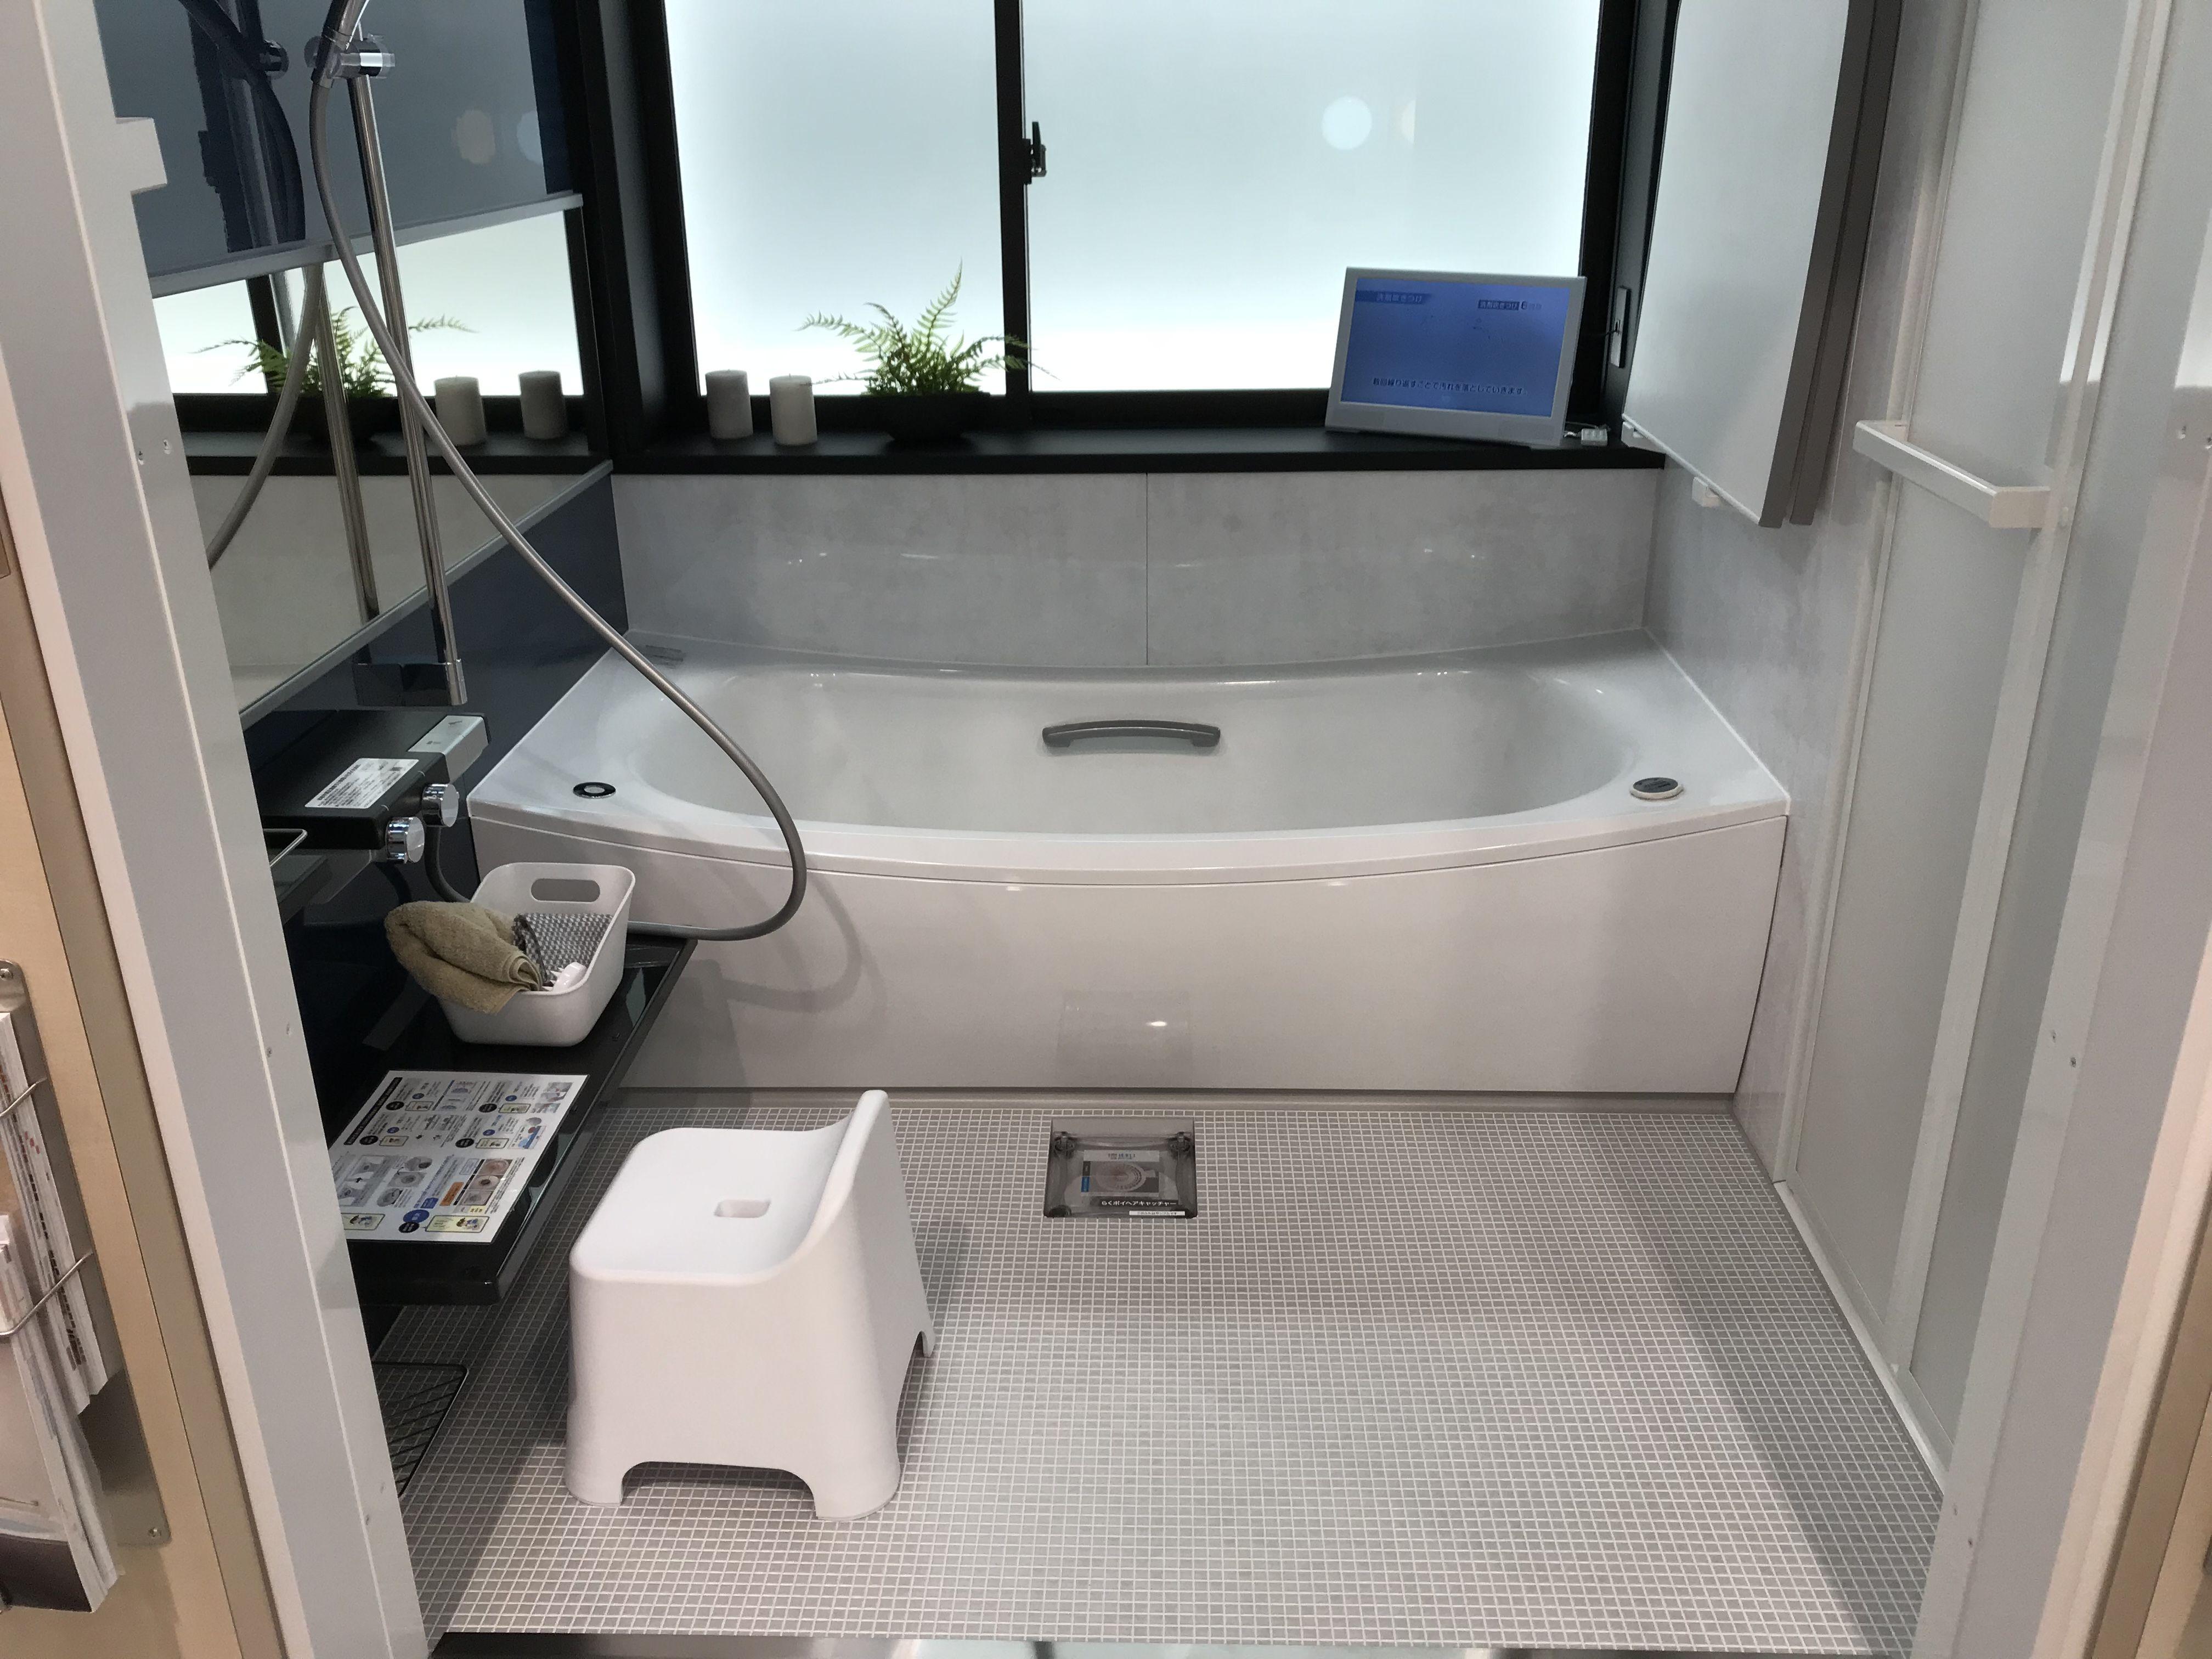 Lixil アライズ の浴槽エプロンは外して洗わないとヤバい 外し方